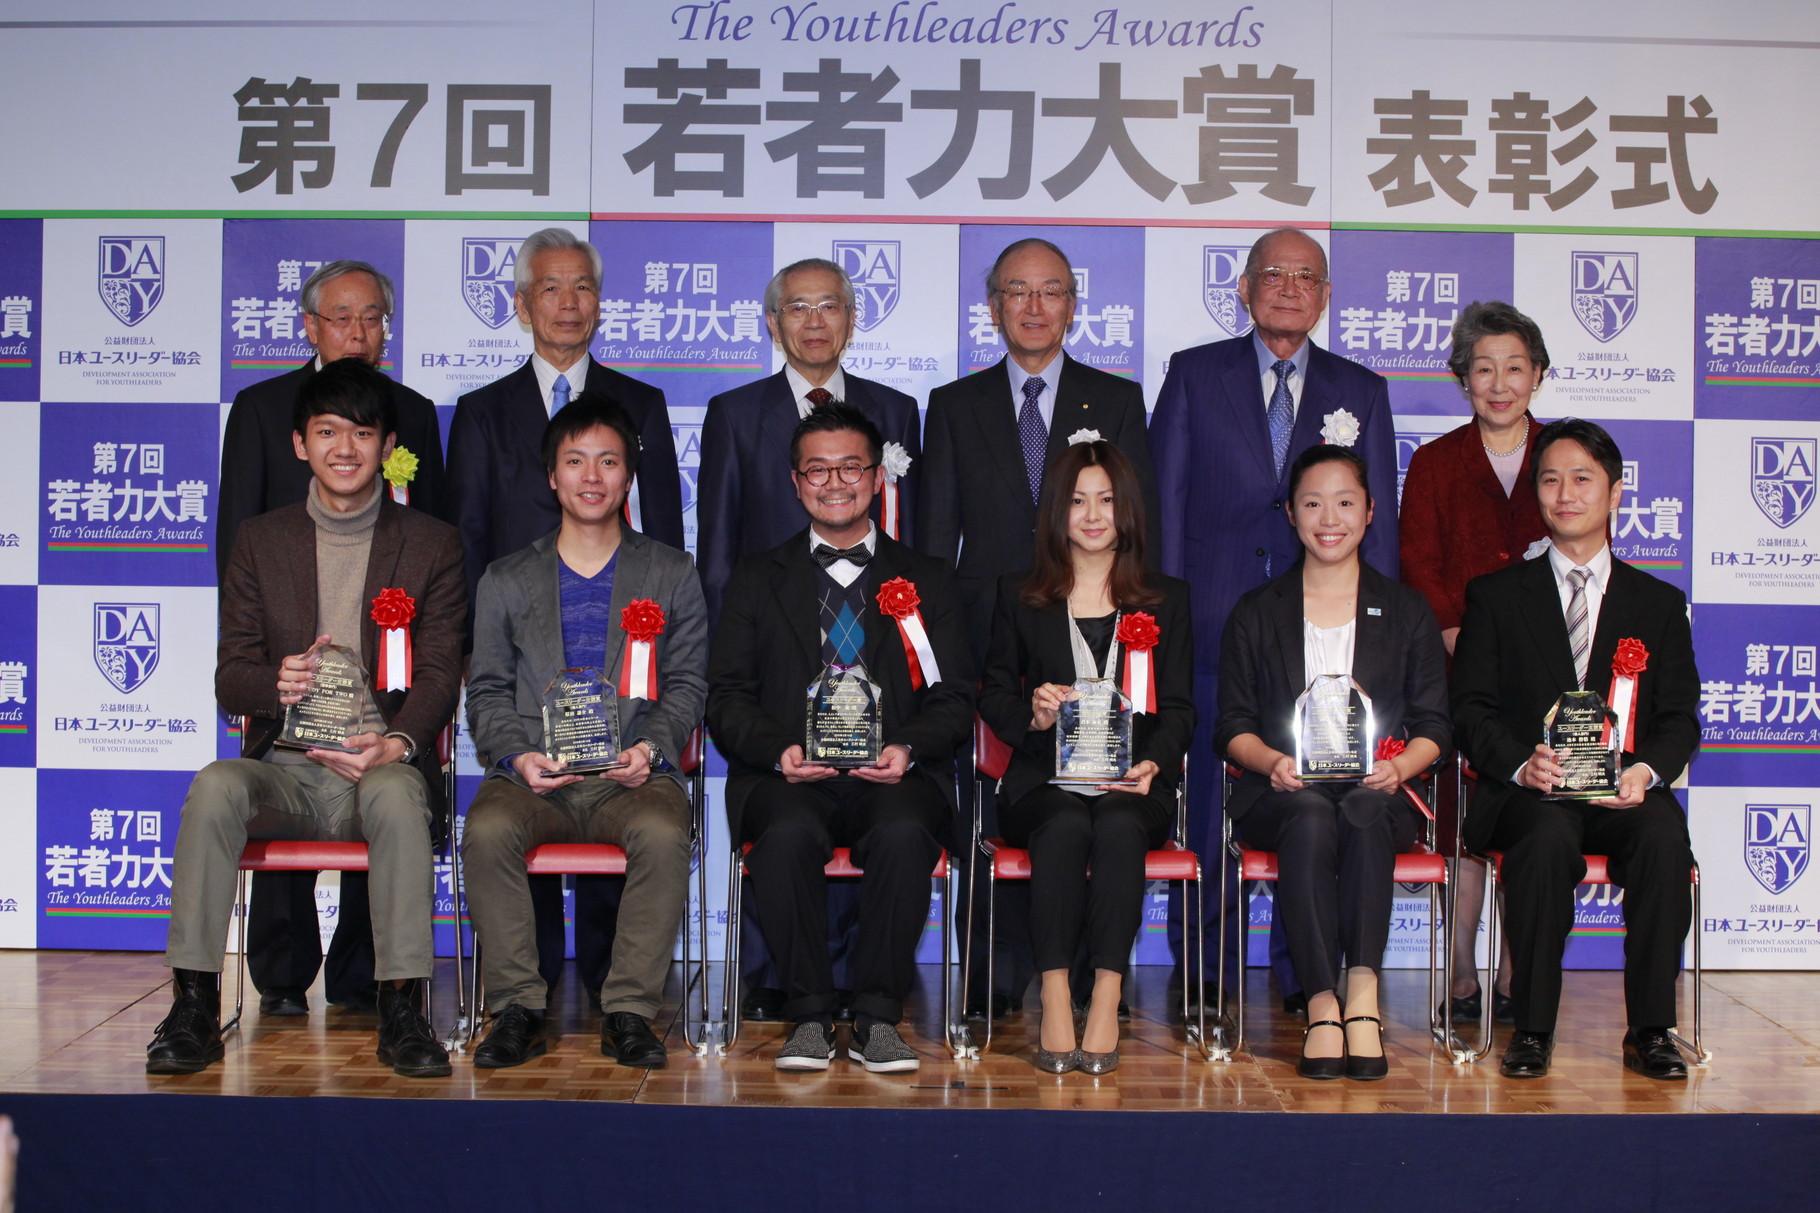 第7回若者力大賞表彰式 2016年2月16日(火)